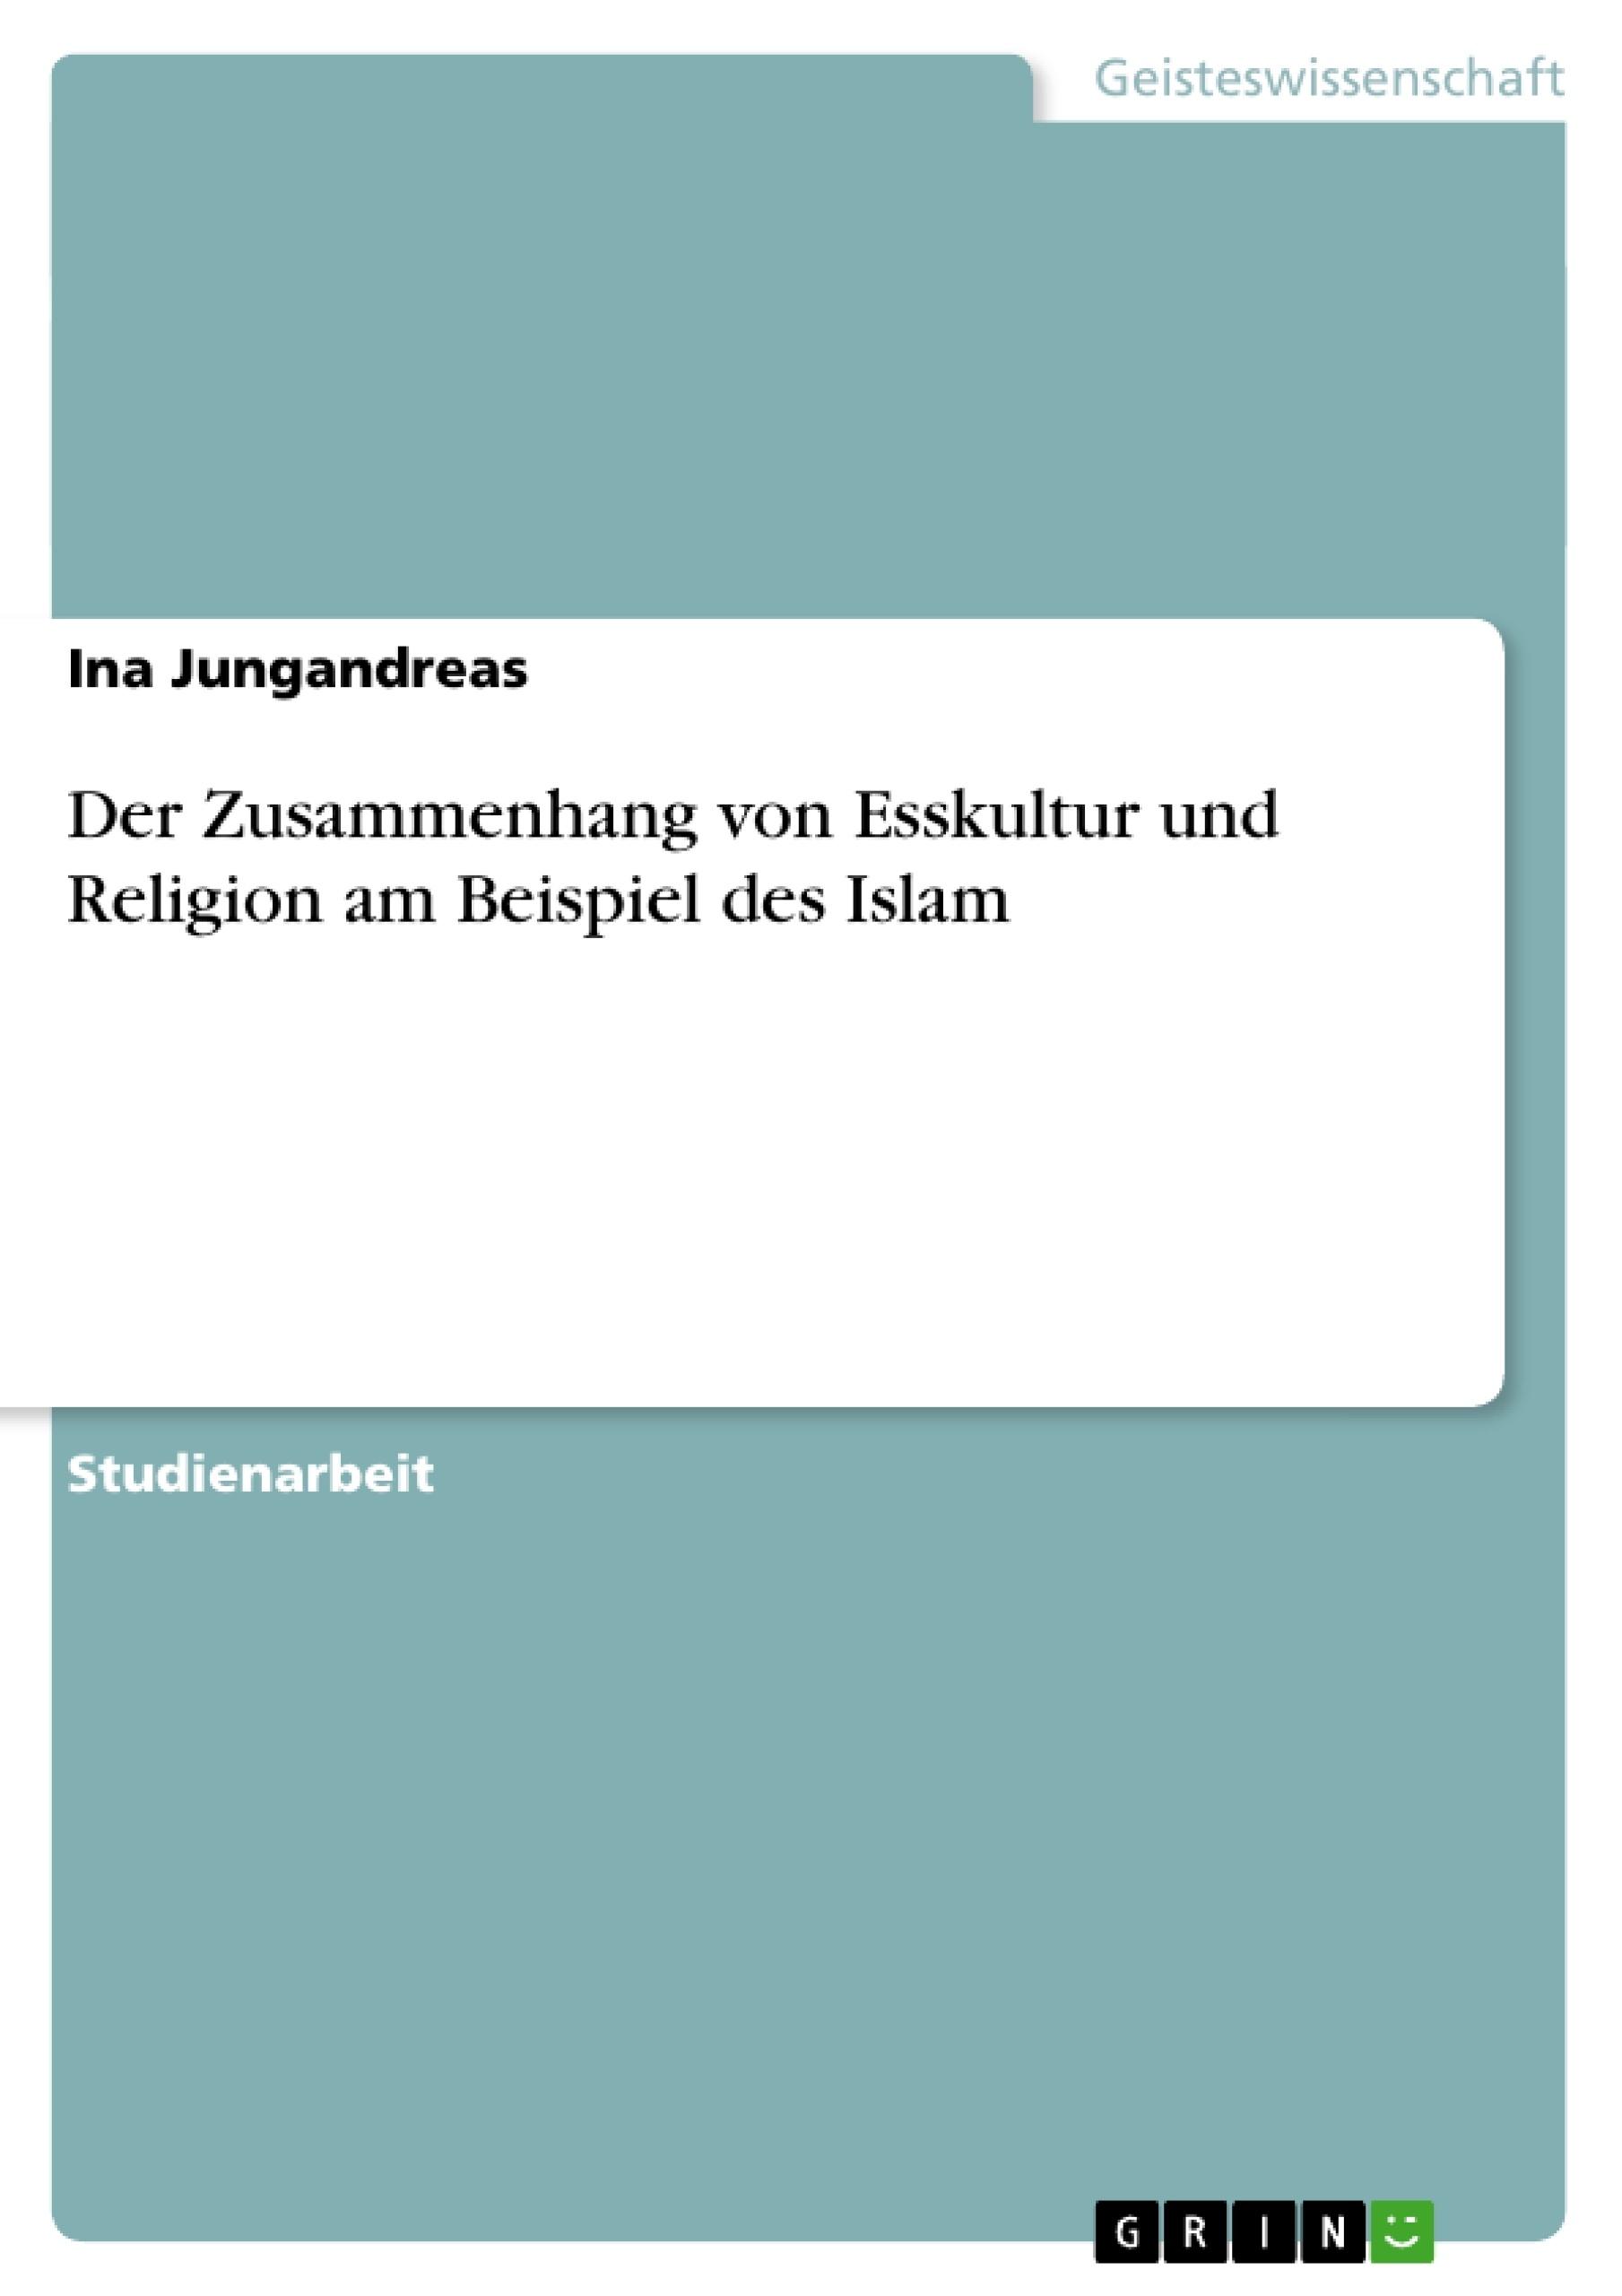 Titel: Der Zusammenhang von Esskultur und Religion am Beispiel des Islam